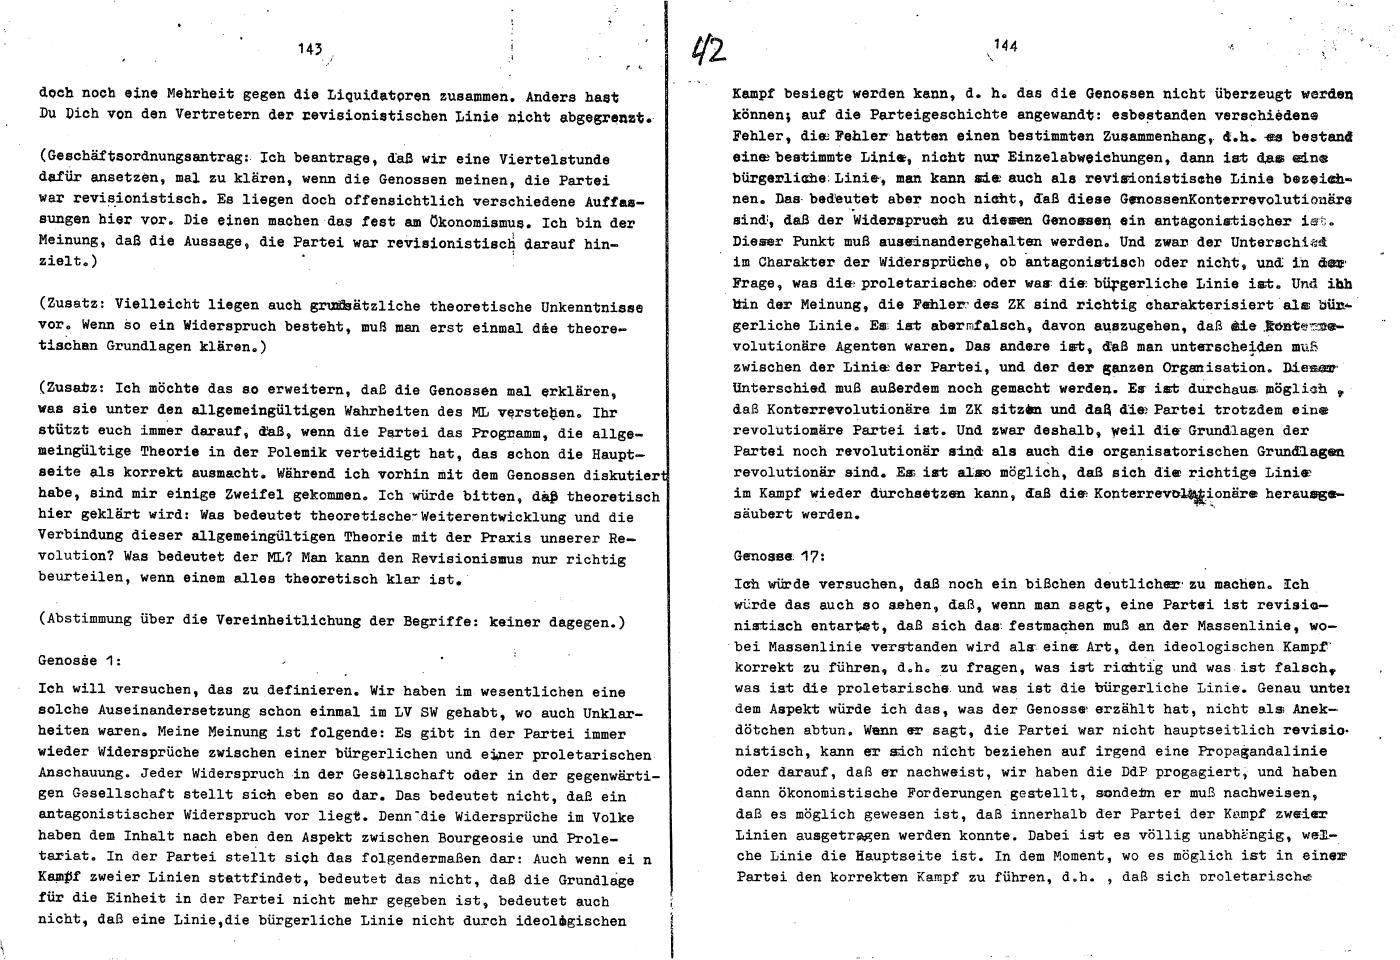 KPDML_1971_Wortprotokolle_aoPt_116